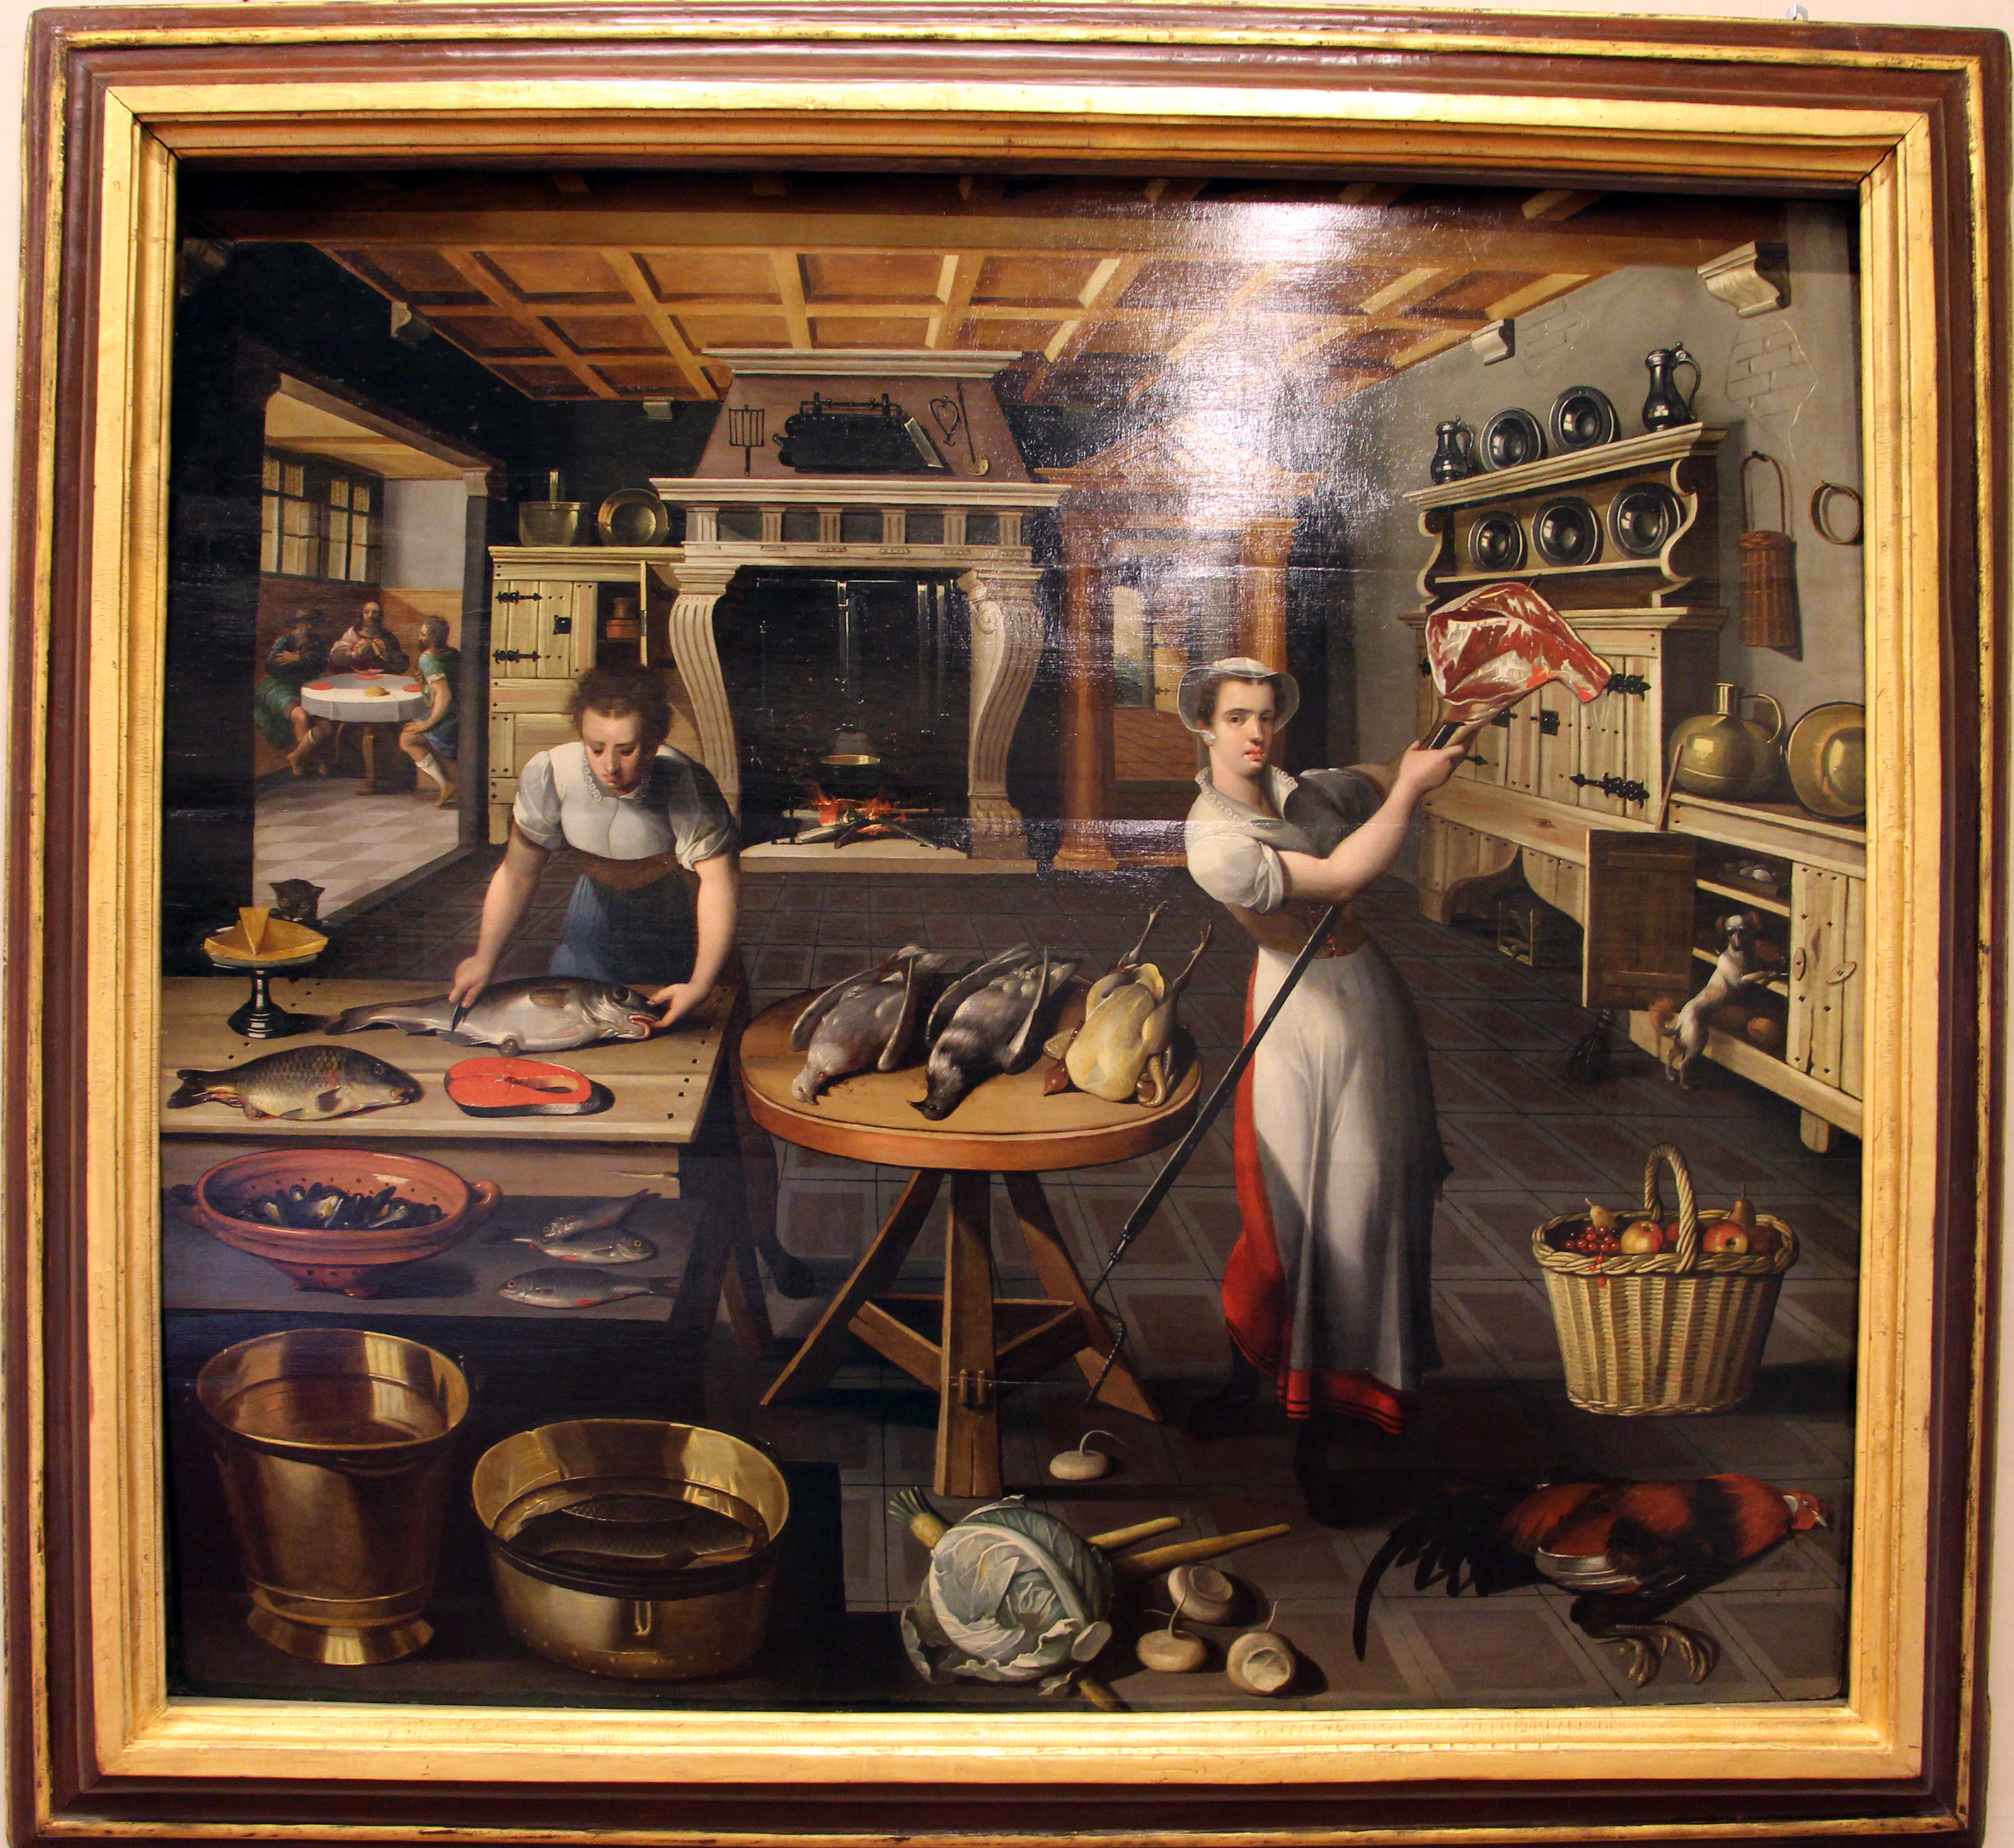 File Scuola Fiamminga Due Donne In Cucina Con Cena Di Emmaus Xvi Sec Jpg Wikimedia Commons